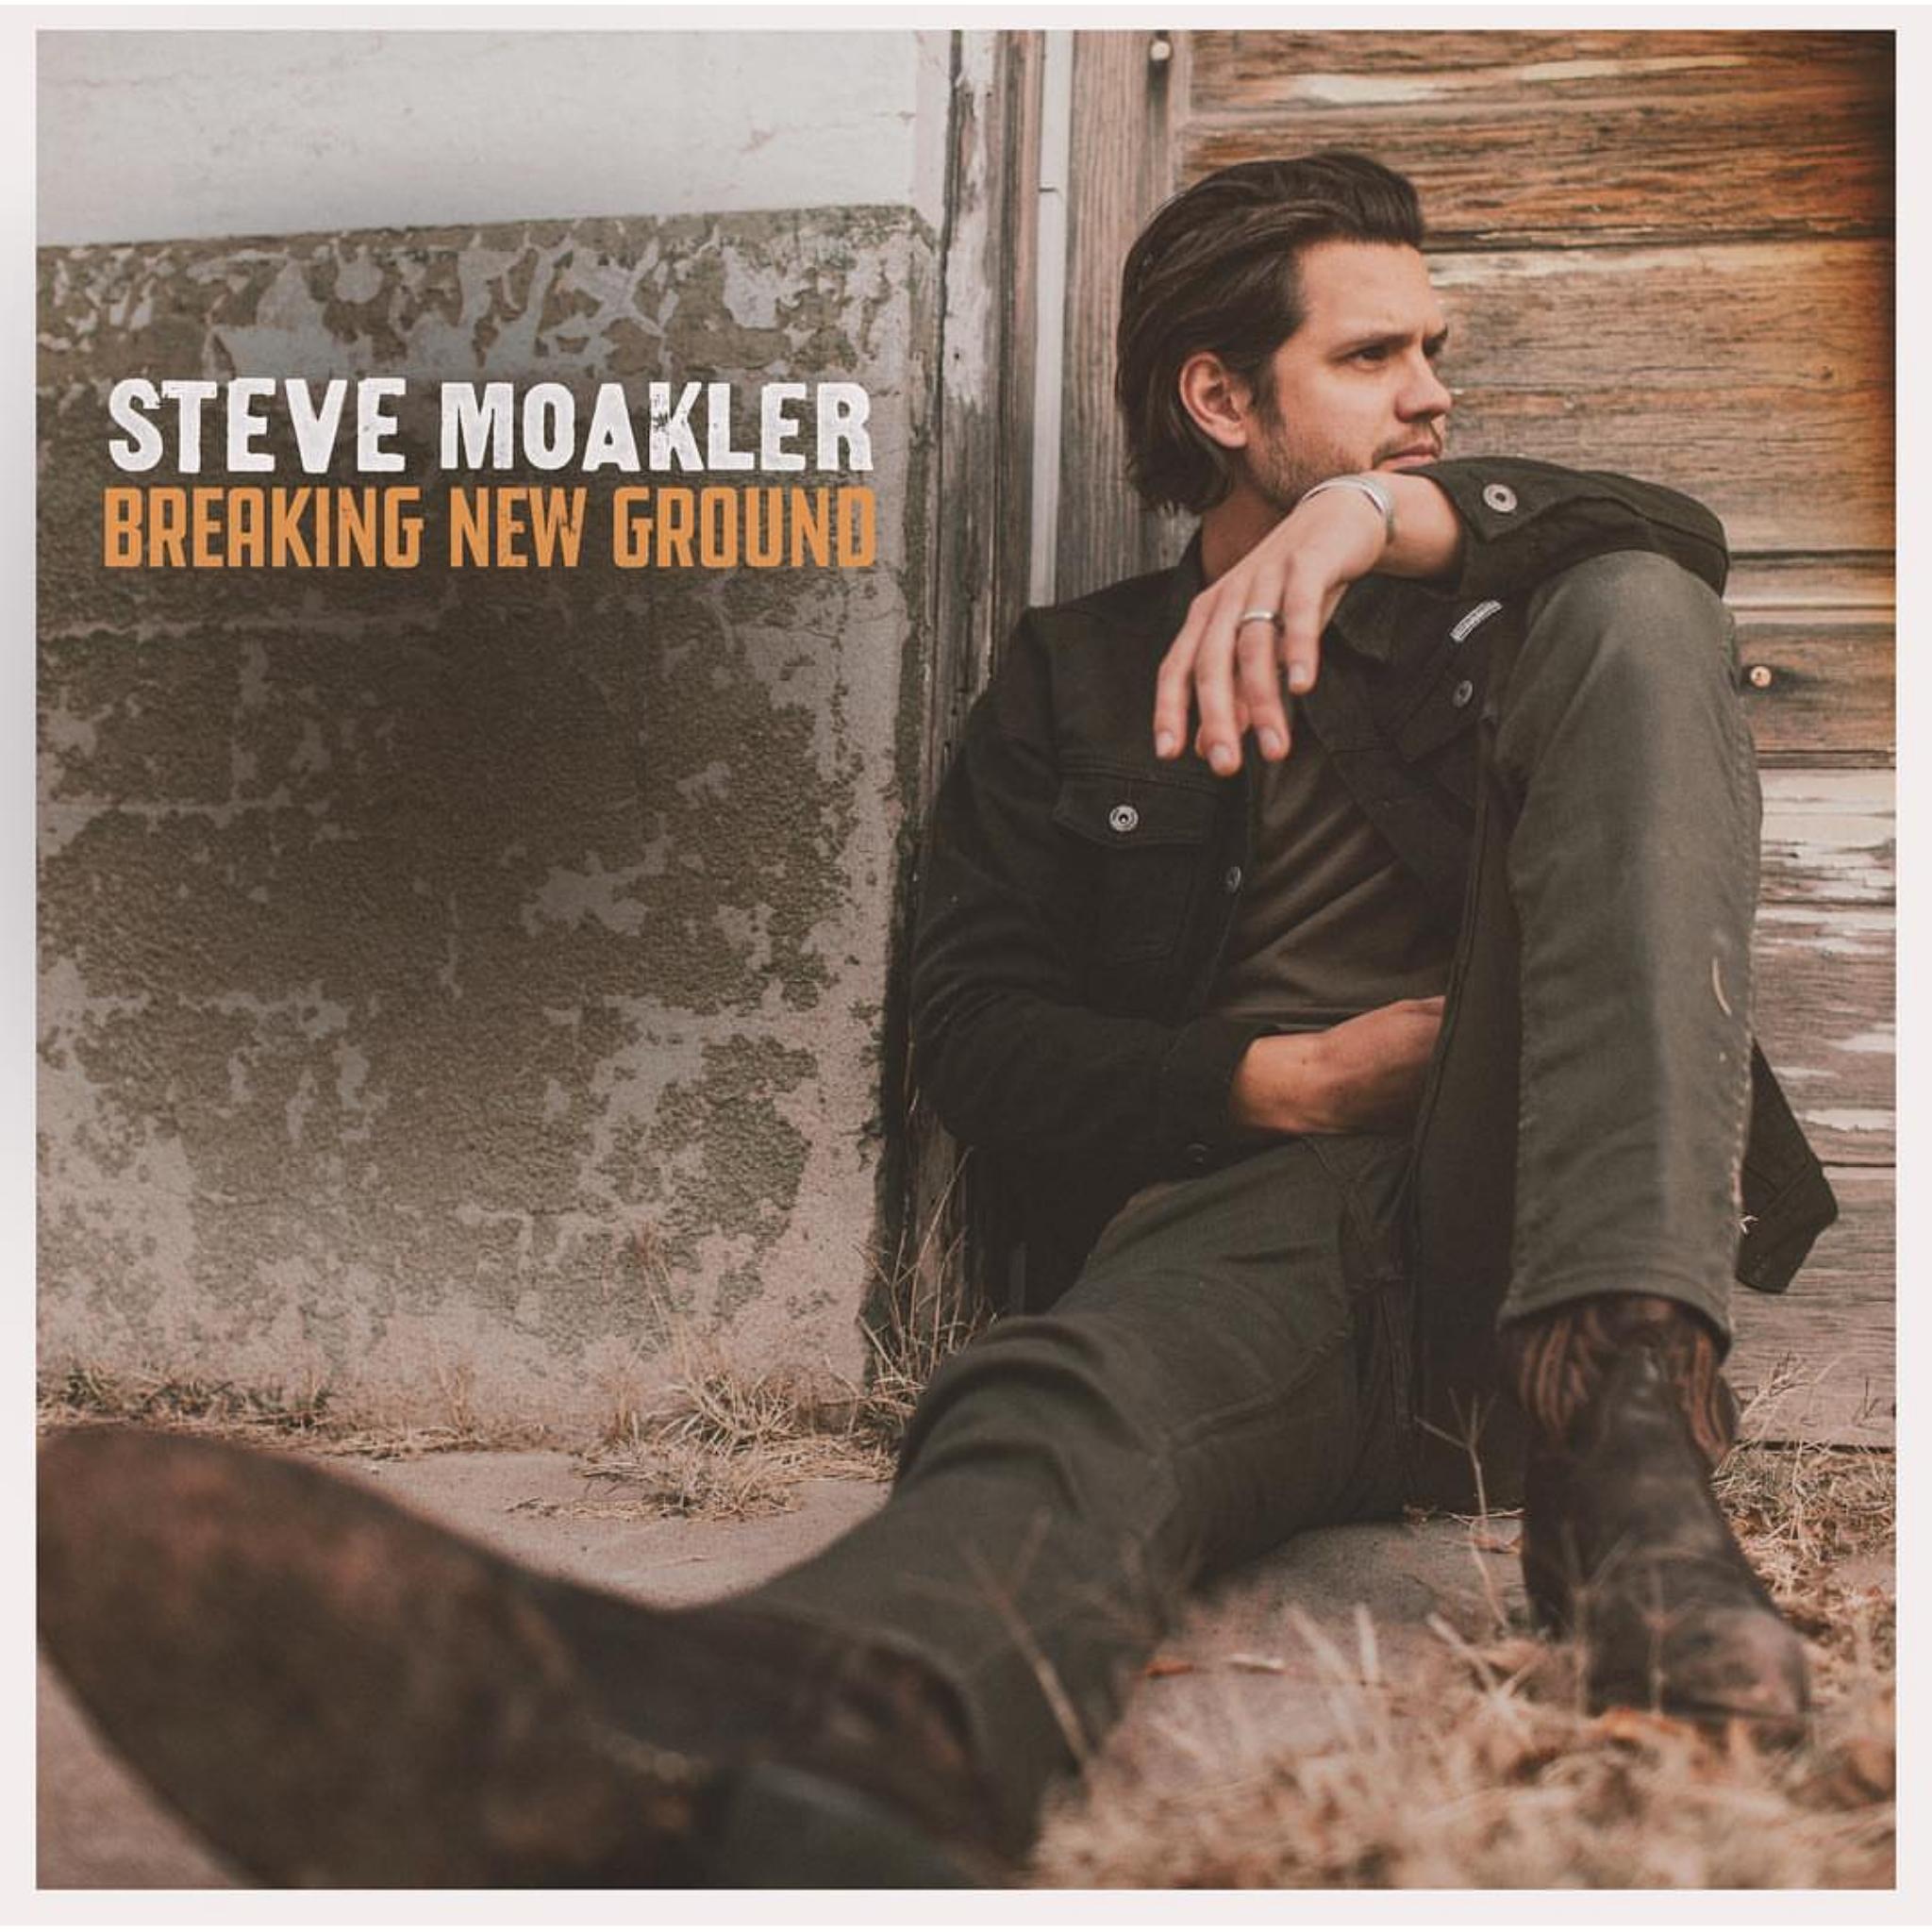 Steve Moakler